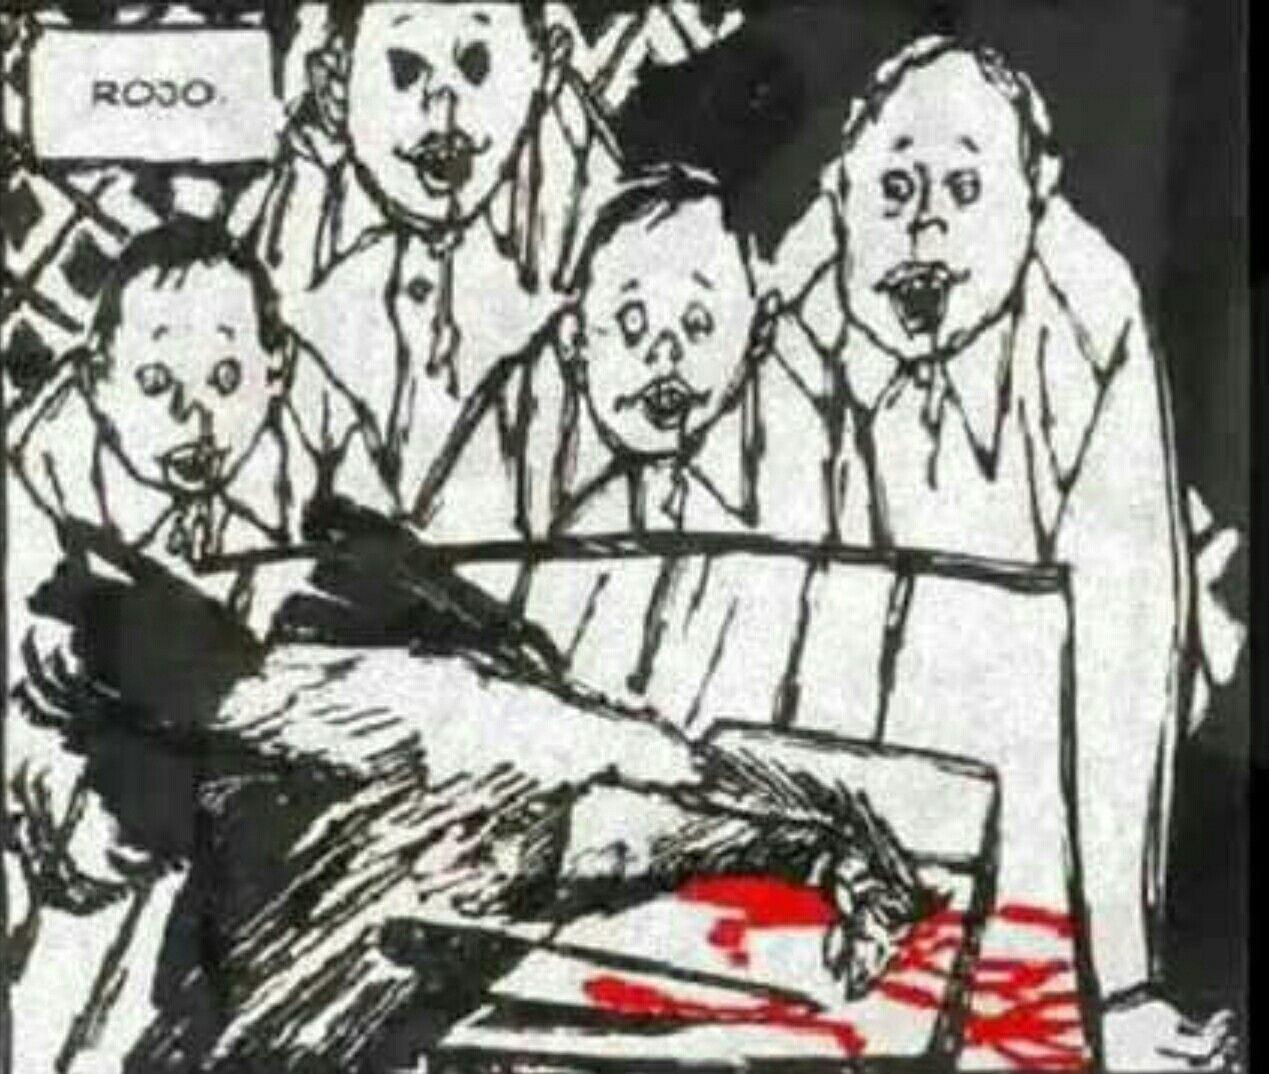 Los hermanos idiotas mirando como mata la sirvienta a la gallina. Yareli